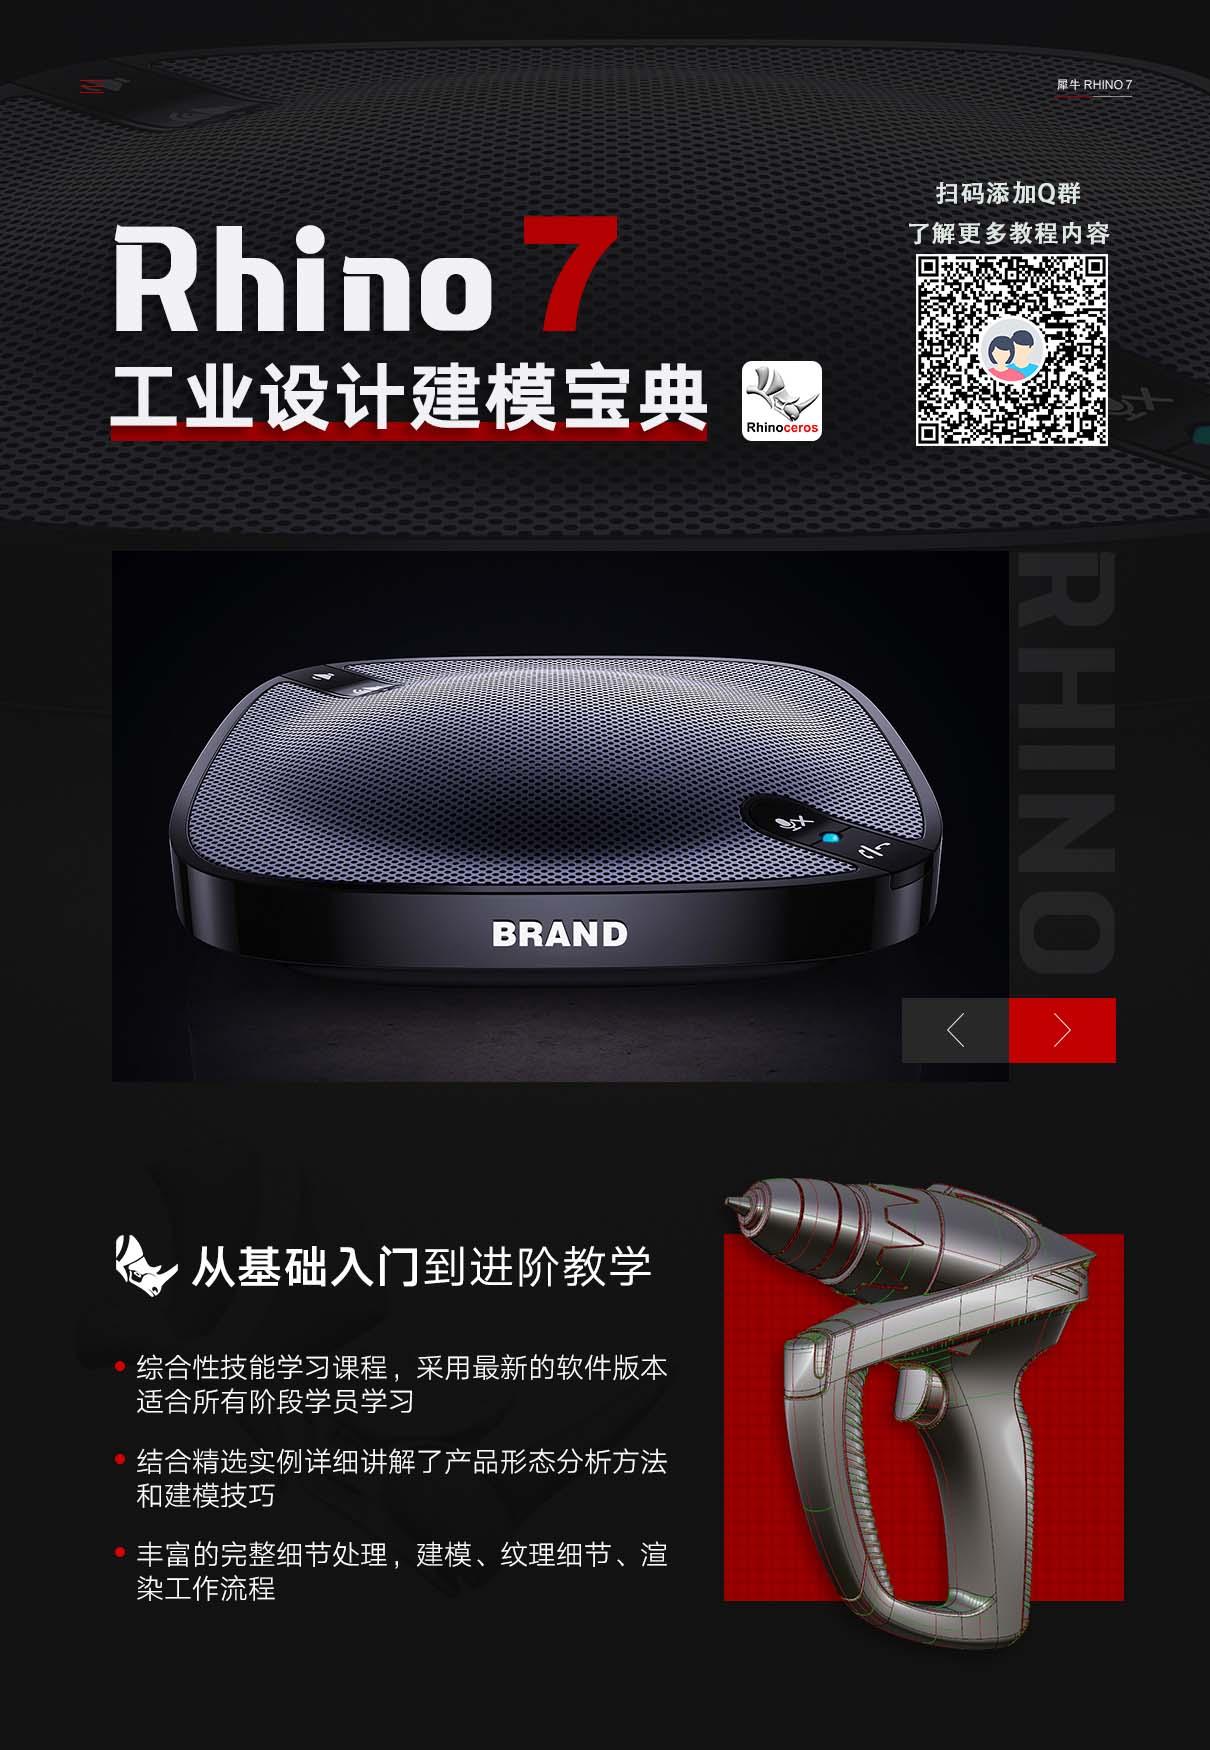 Rhino 7零基础到进阶教程